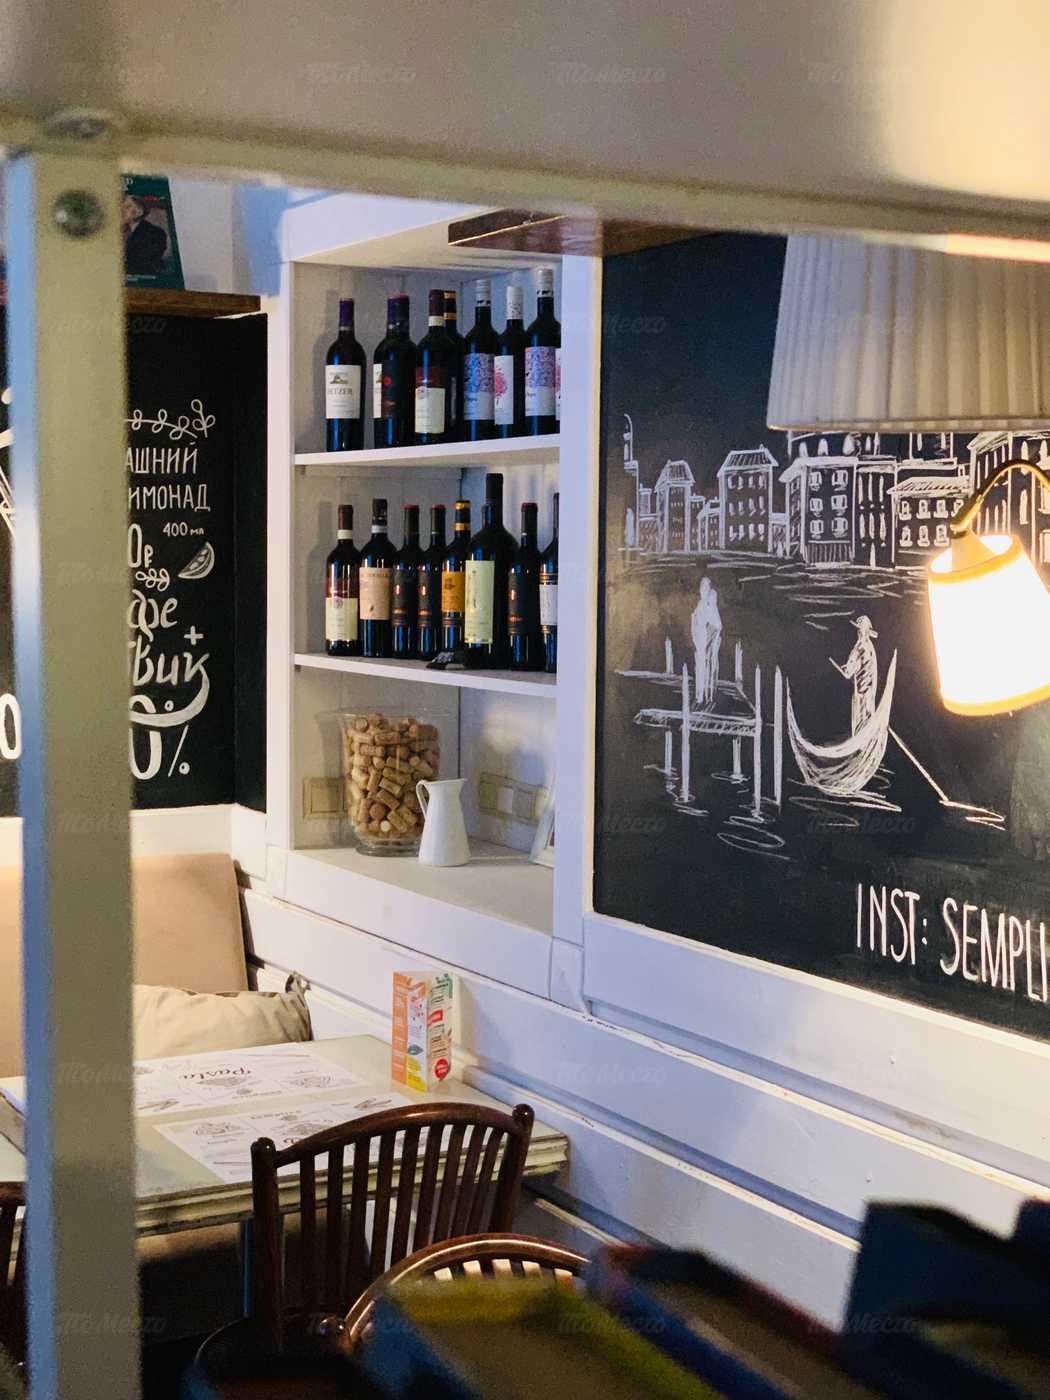 Ресторан Semplice (Траттория Семпличе) на улице Долгоруковской фото 8